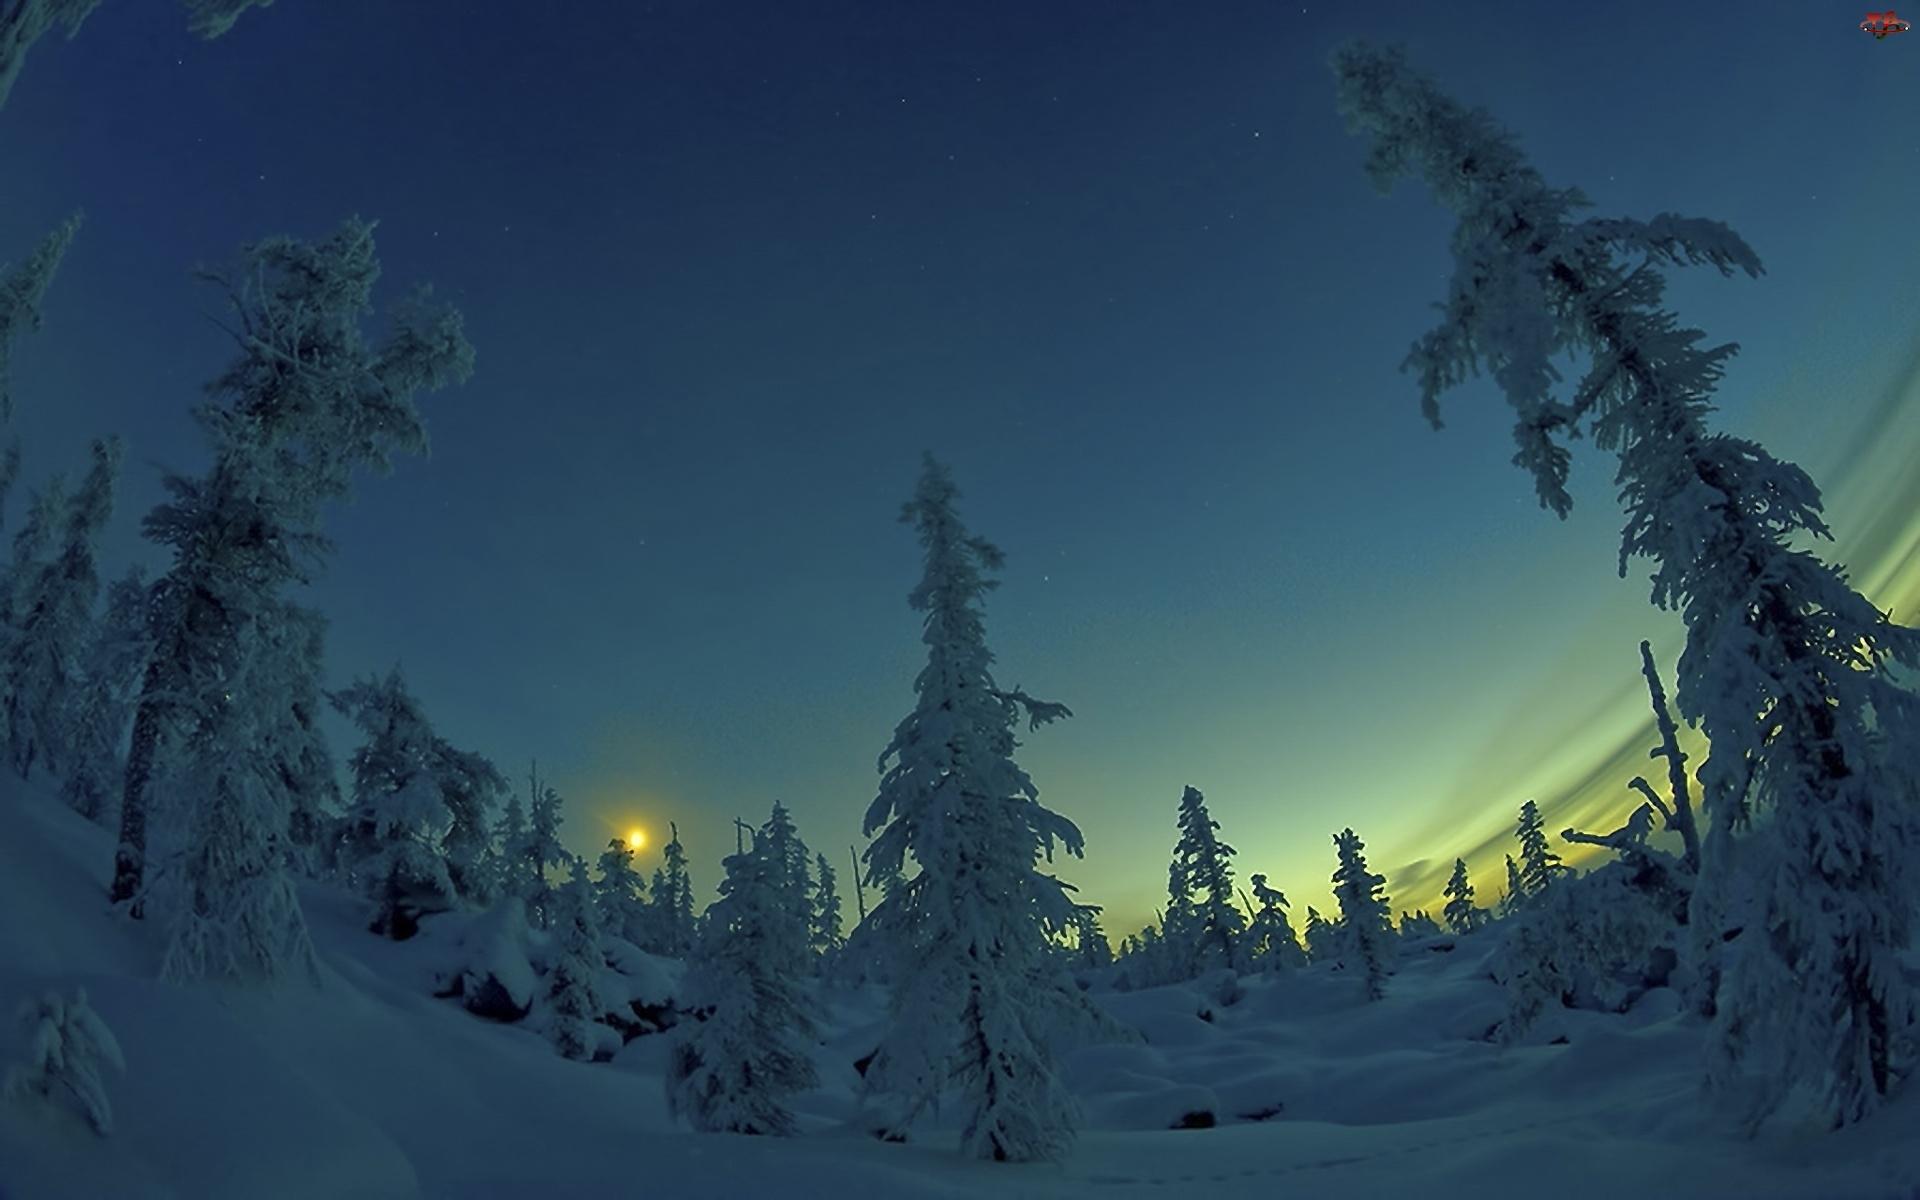 Śnieg, Zmierzch, Drzewa